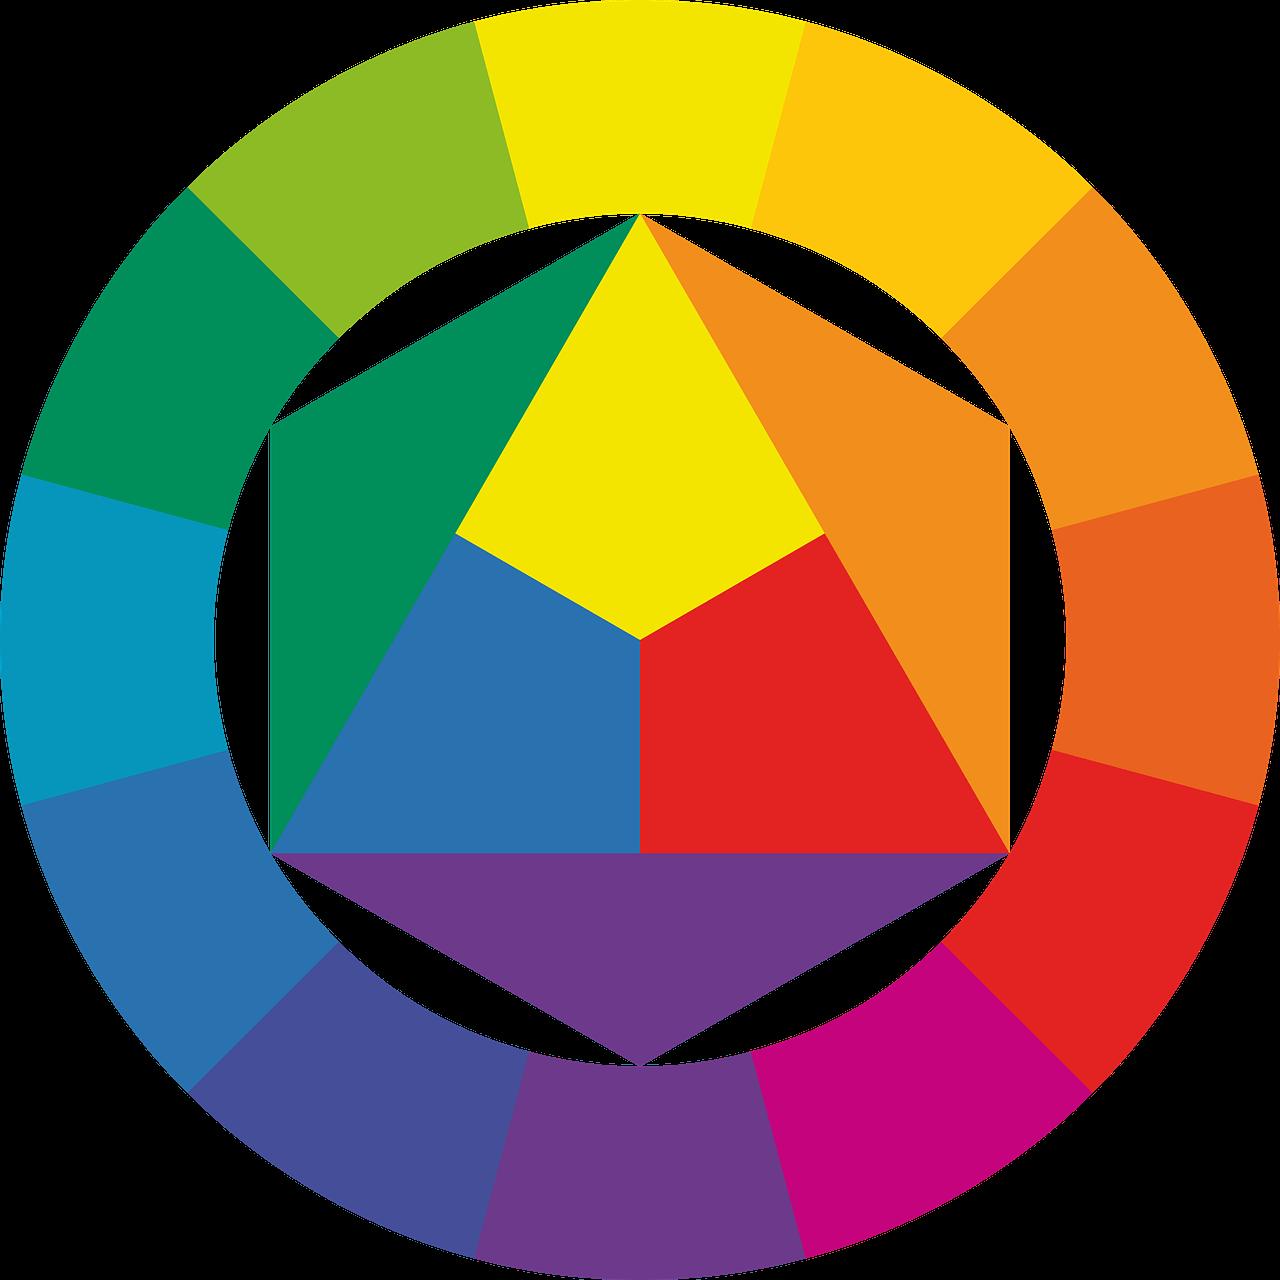 Farbgestaltung nach dem Farbkreis von Itten